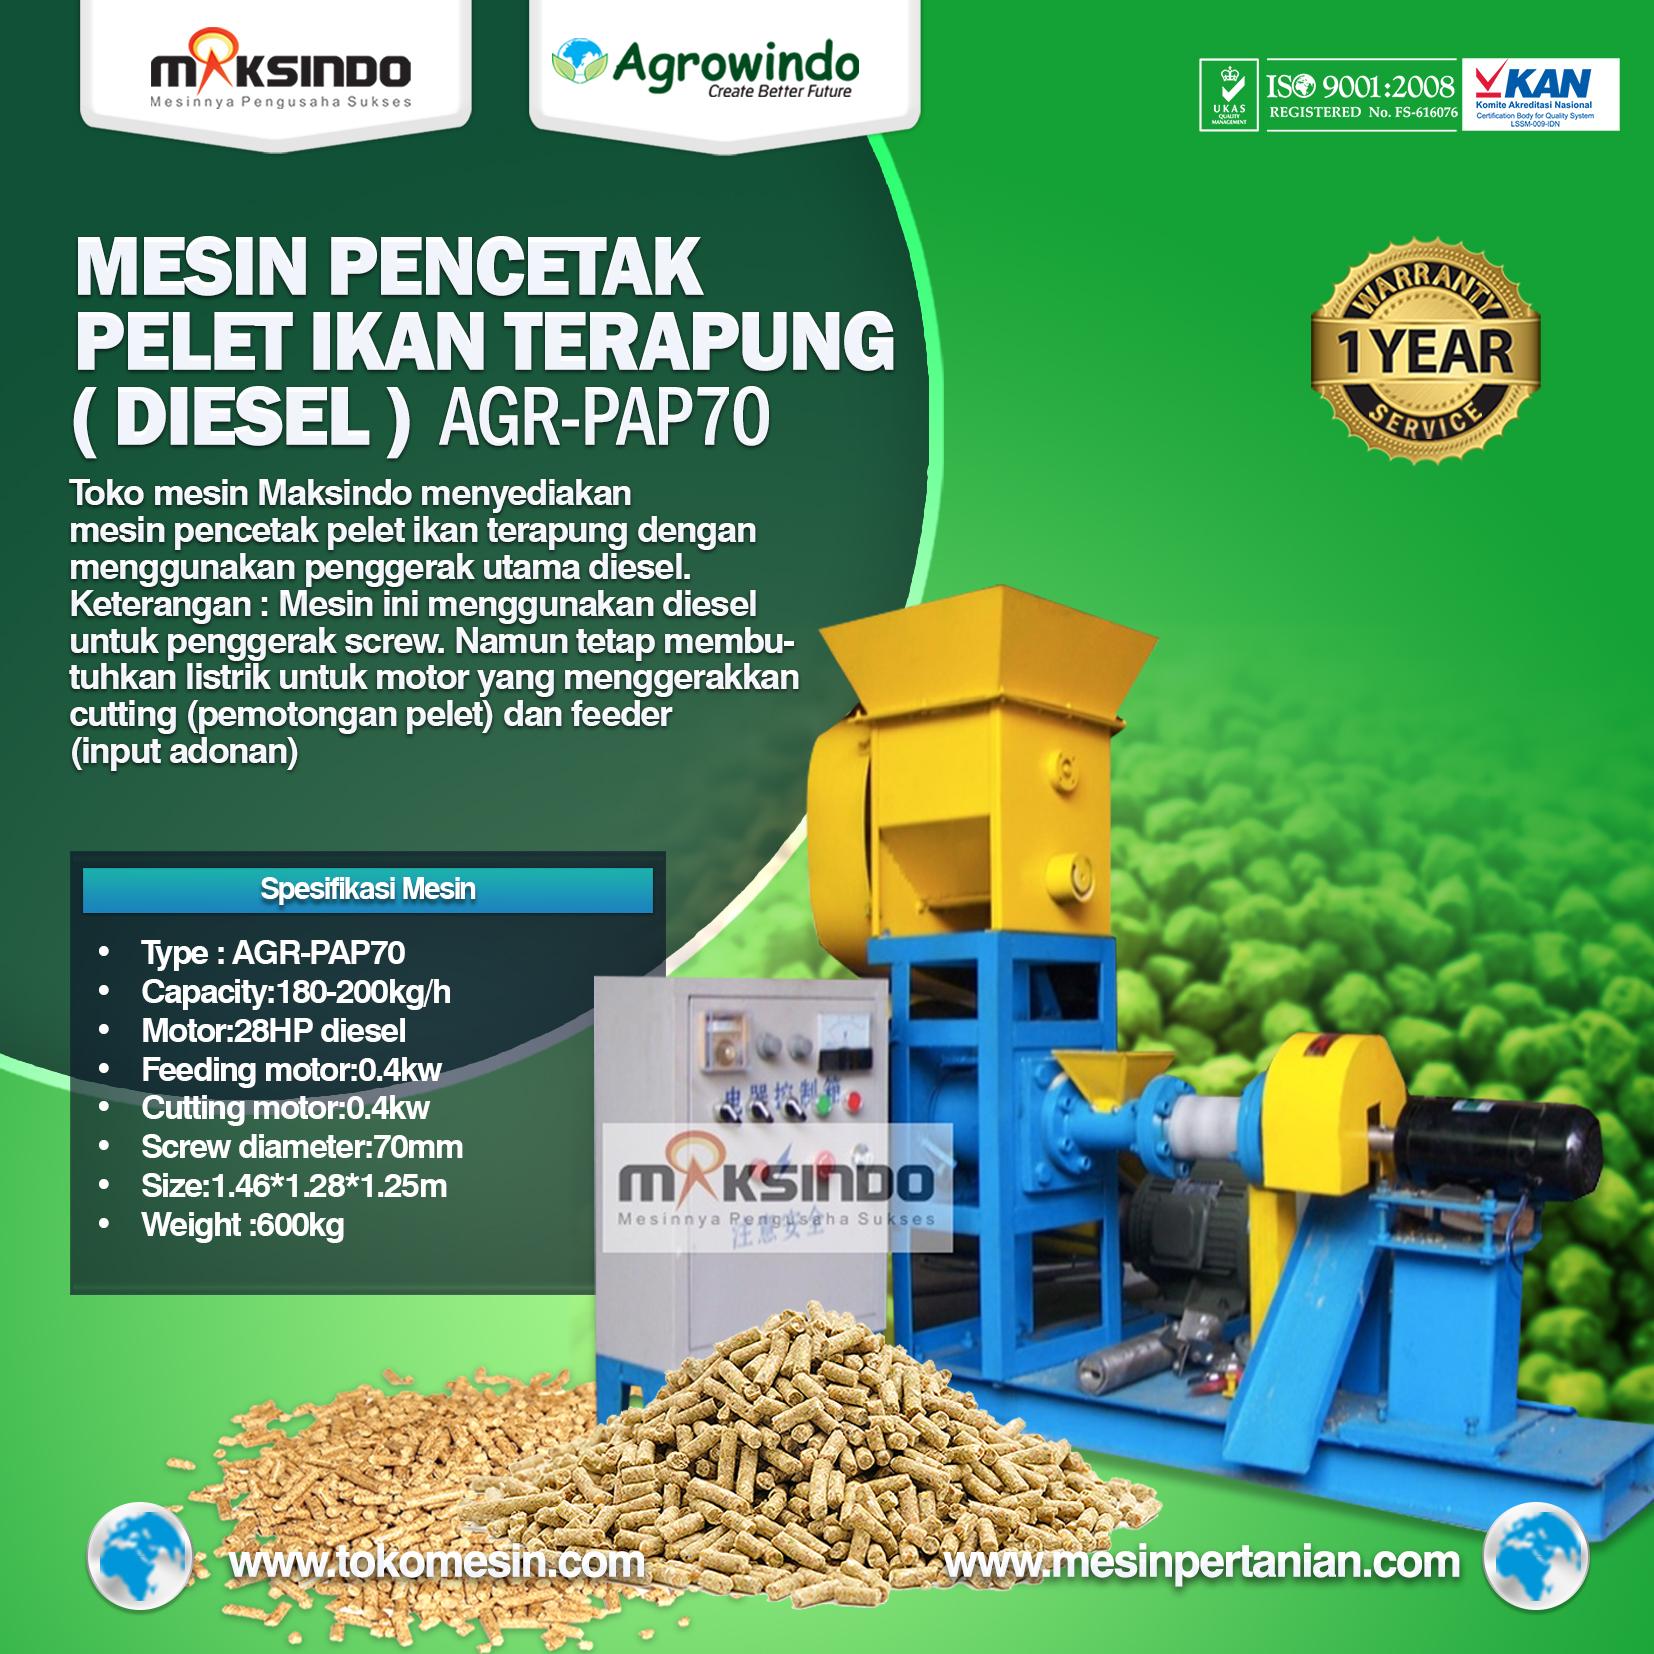 Mesin Pencetak Pelet Ikan Terapung (Diesel) AGR-PAP70